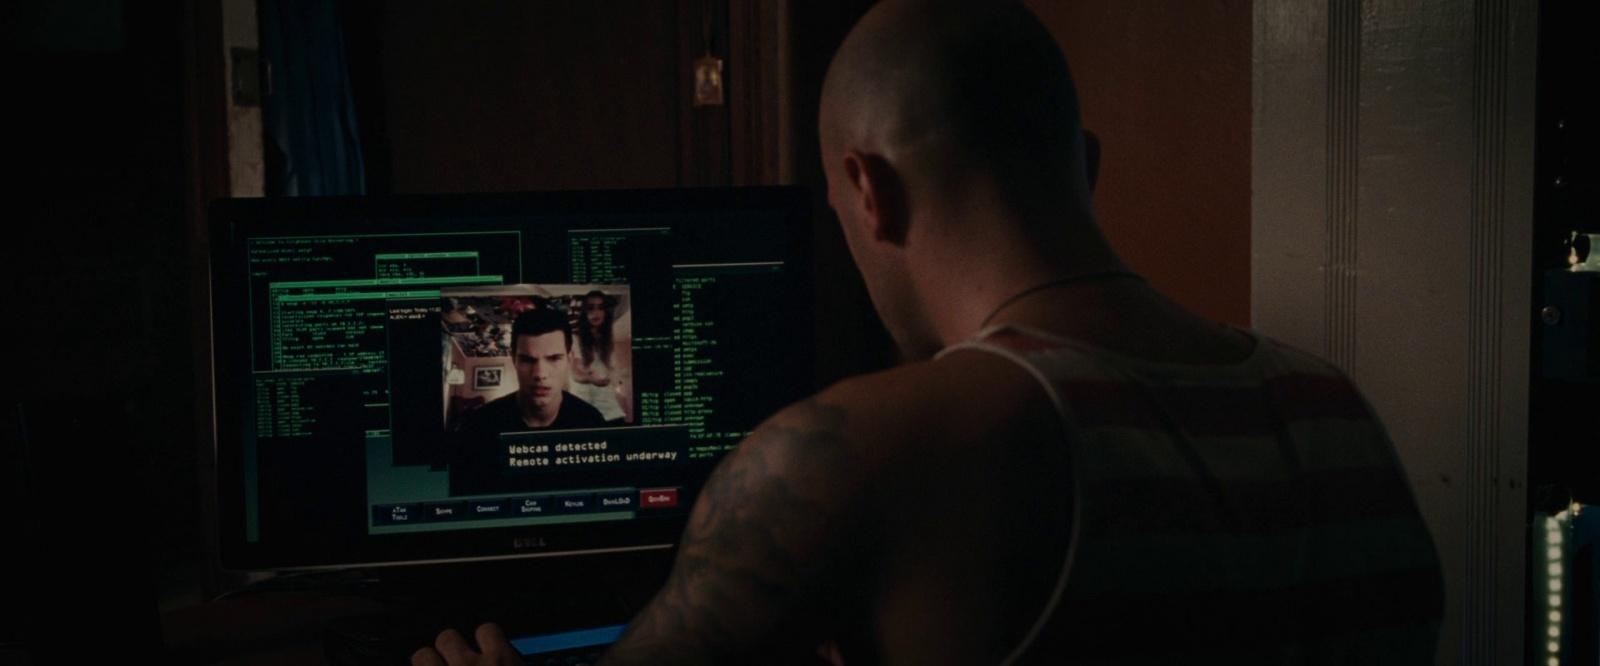 Сканер nmap как главный инструмент кино-хакеров - 24